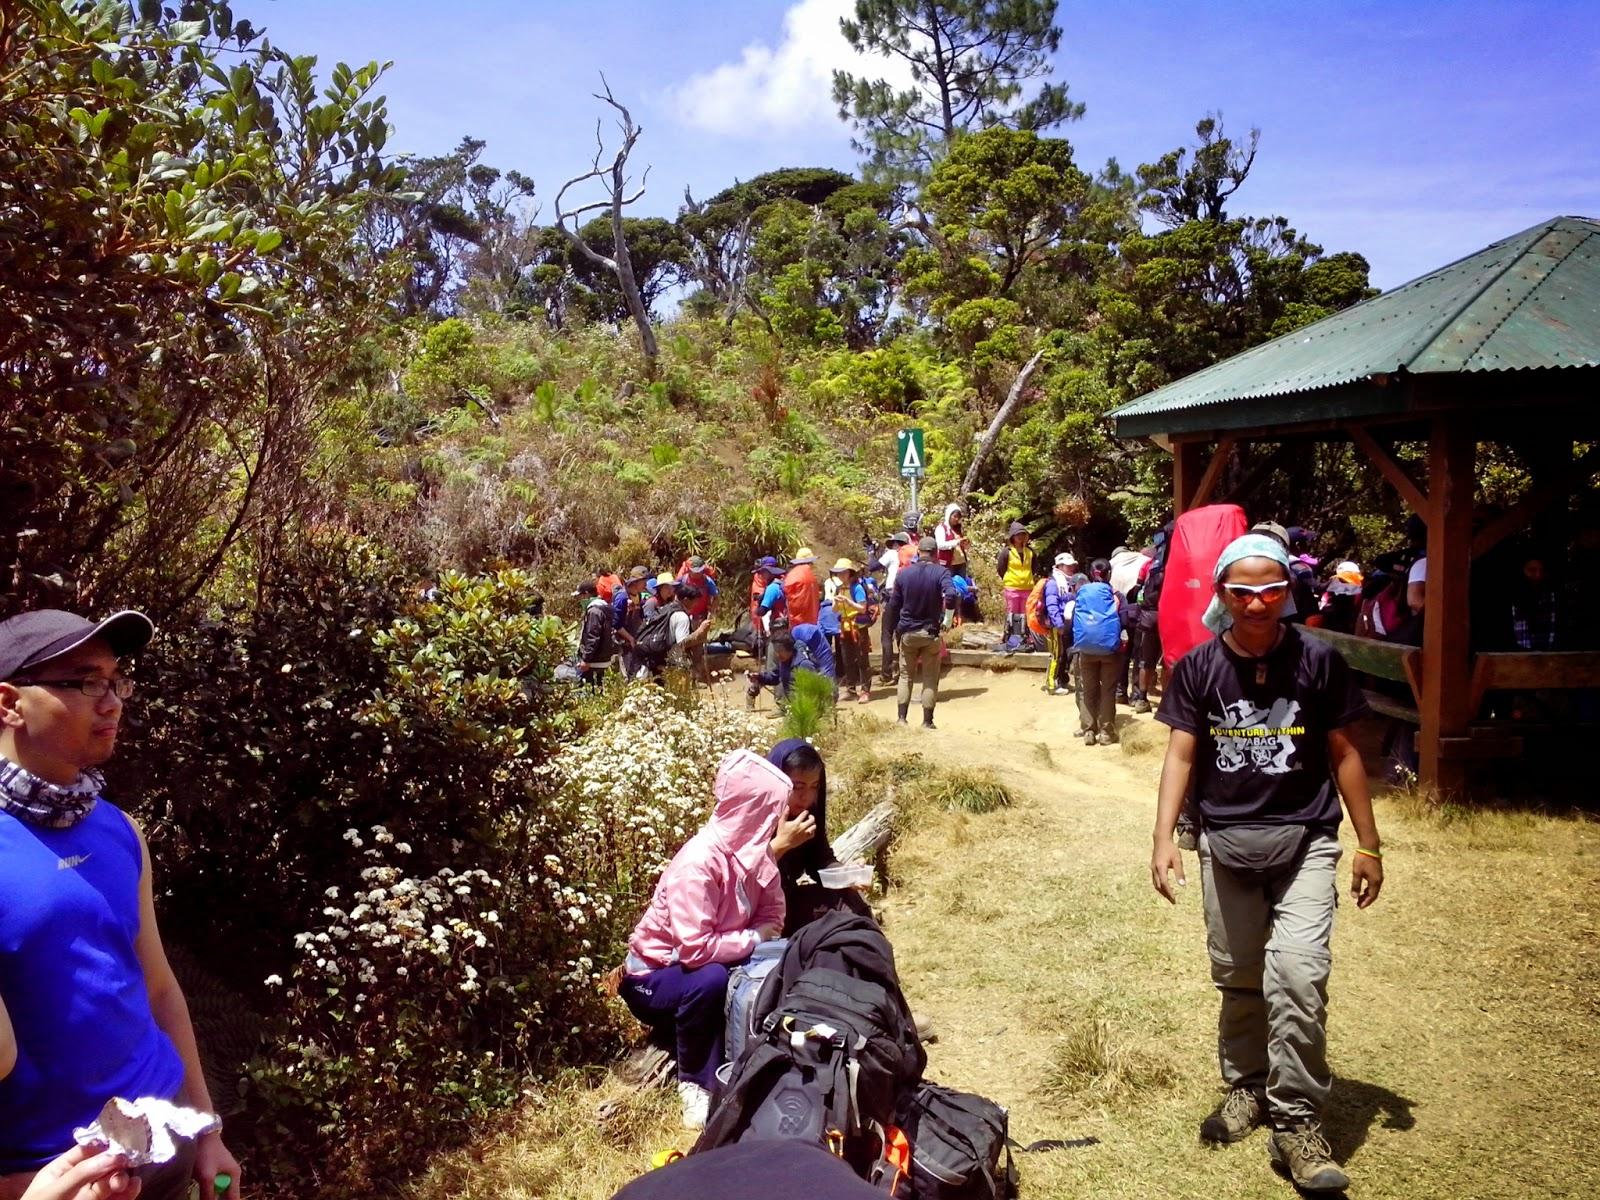 Camp 1 Mt. Pulag - Ambaneg Trail